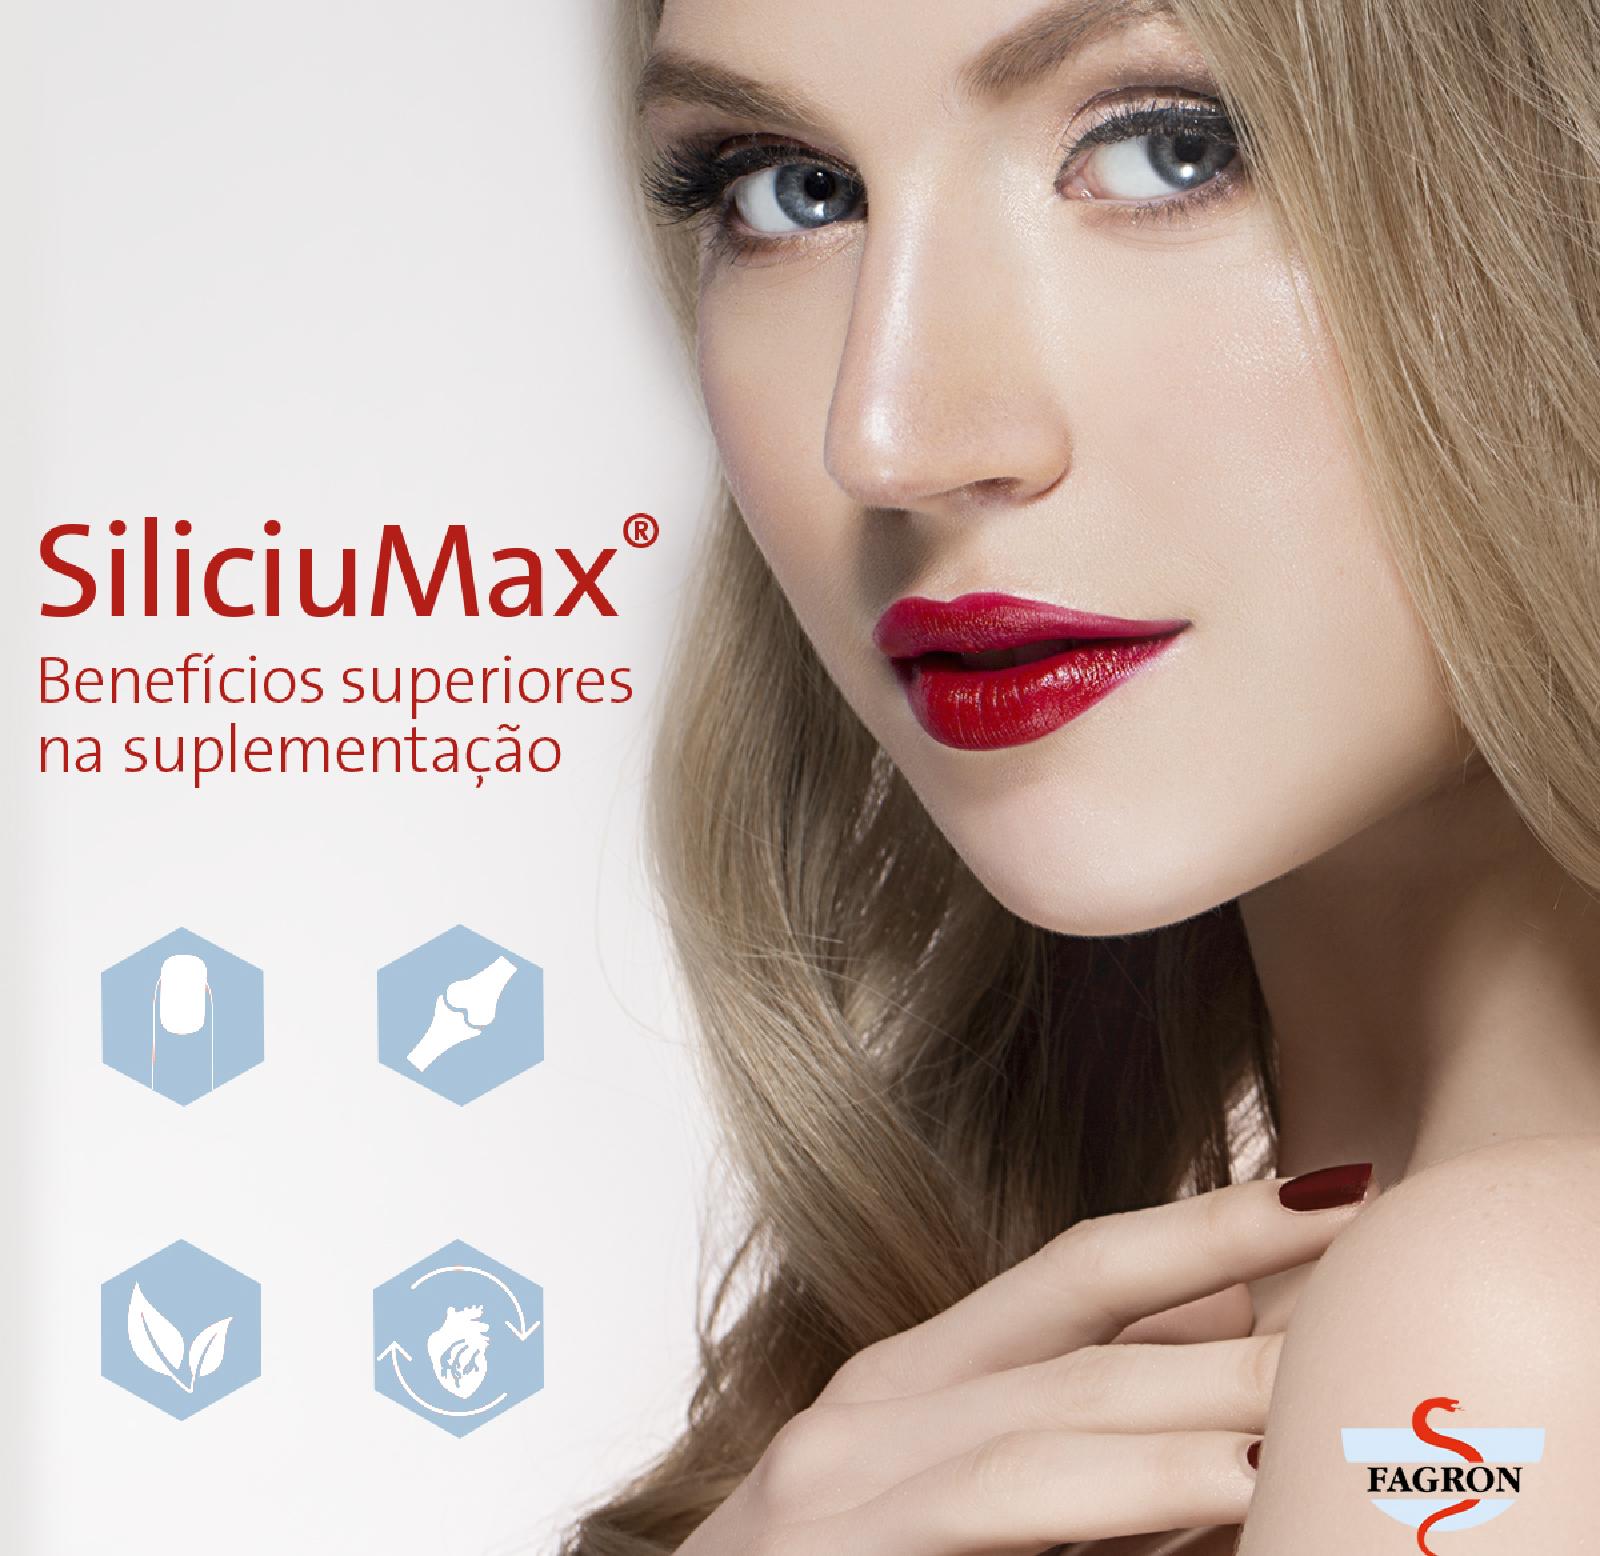 Siliciumax